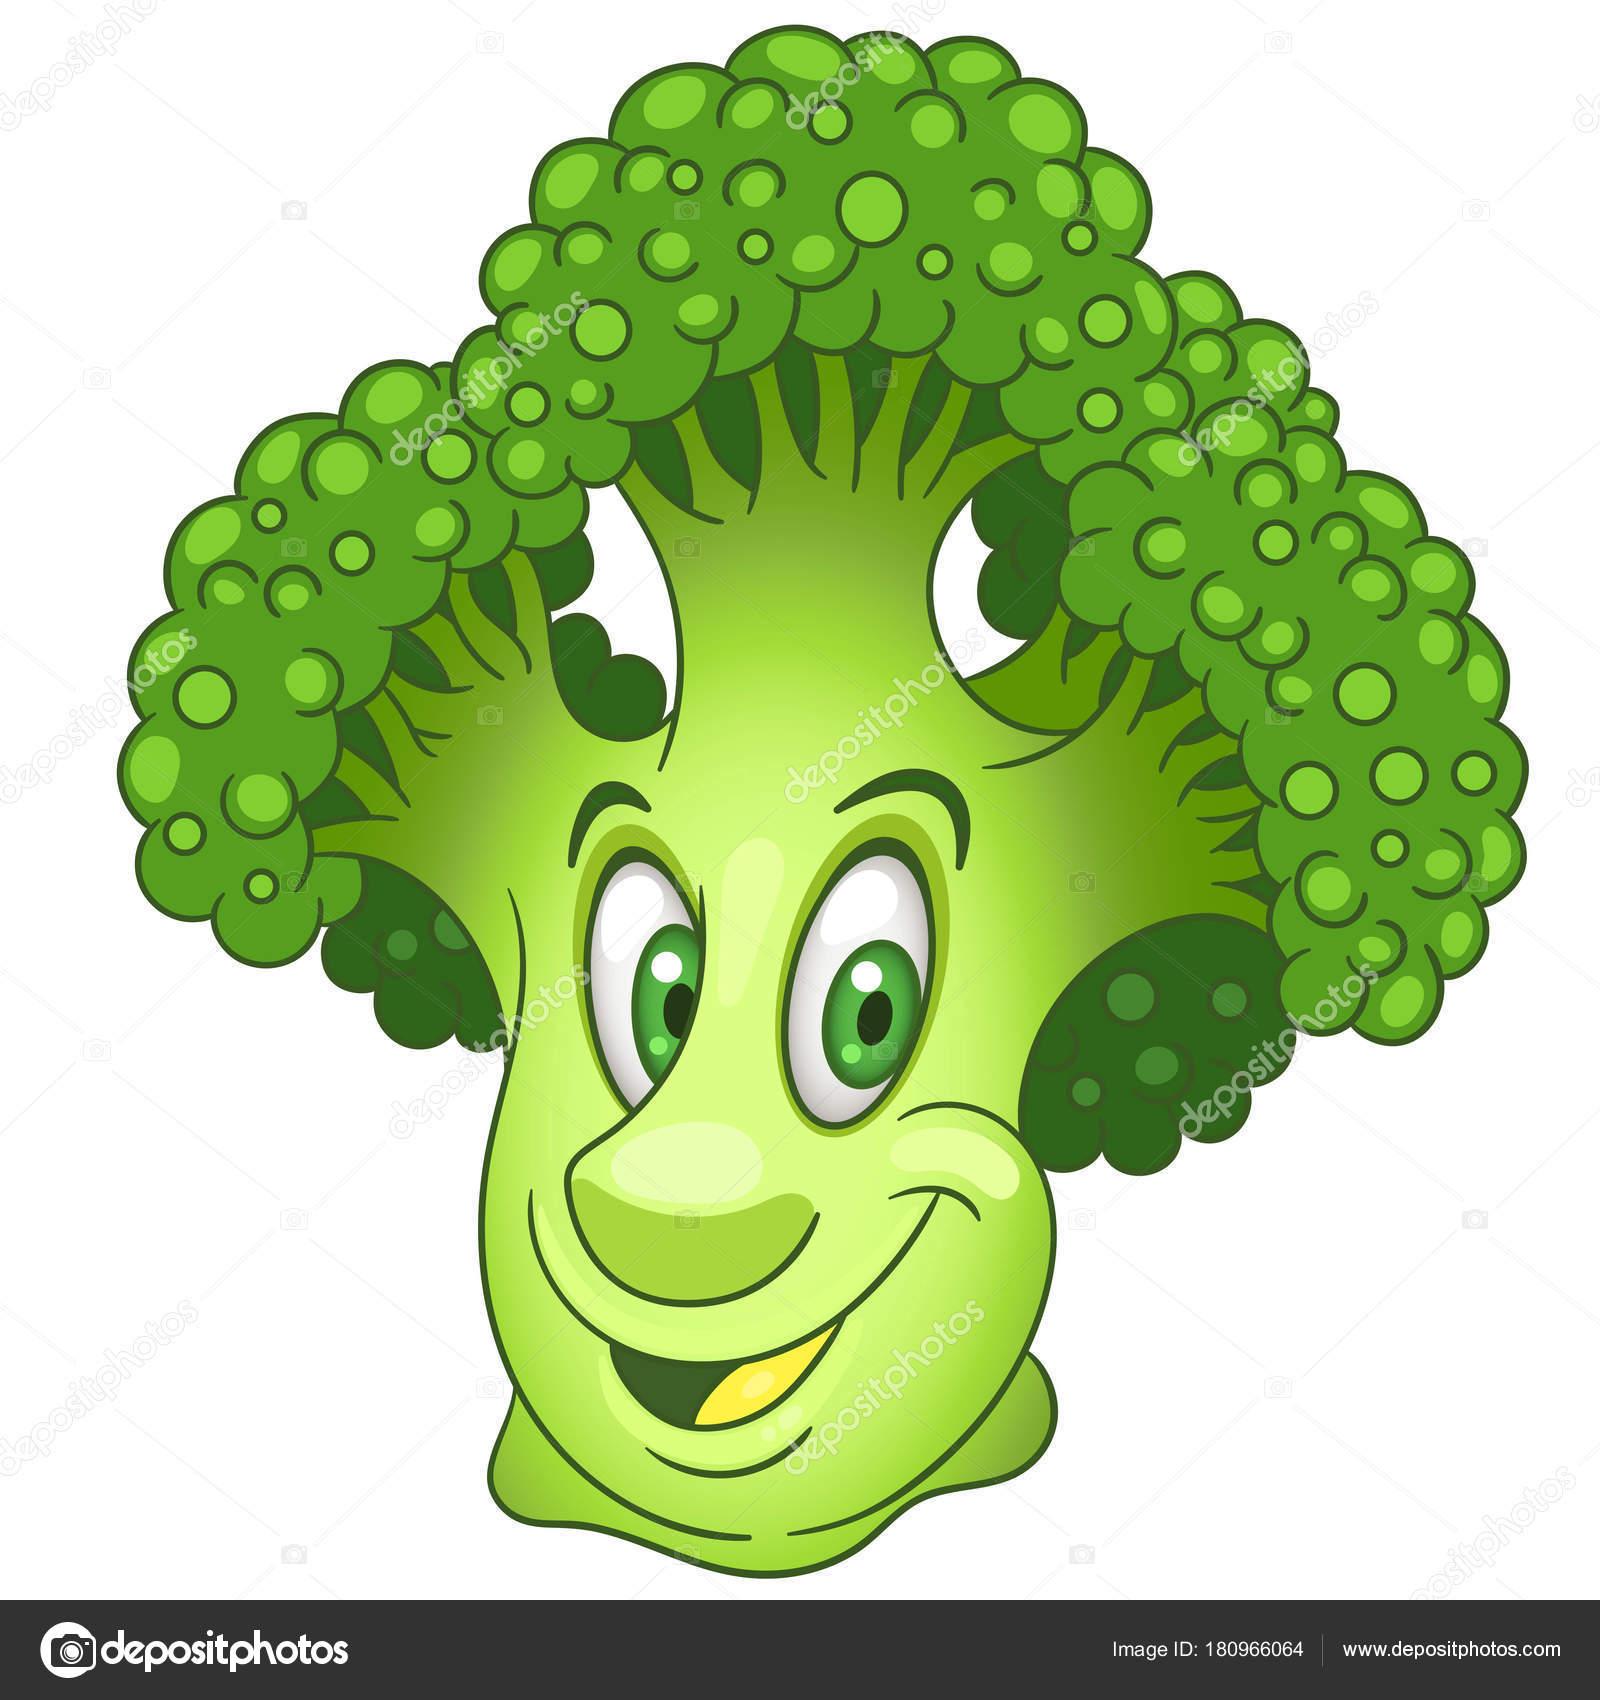 Personaje de dibujos animados brócoli — Archivo Imágenes Vectoriales ...